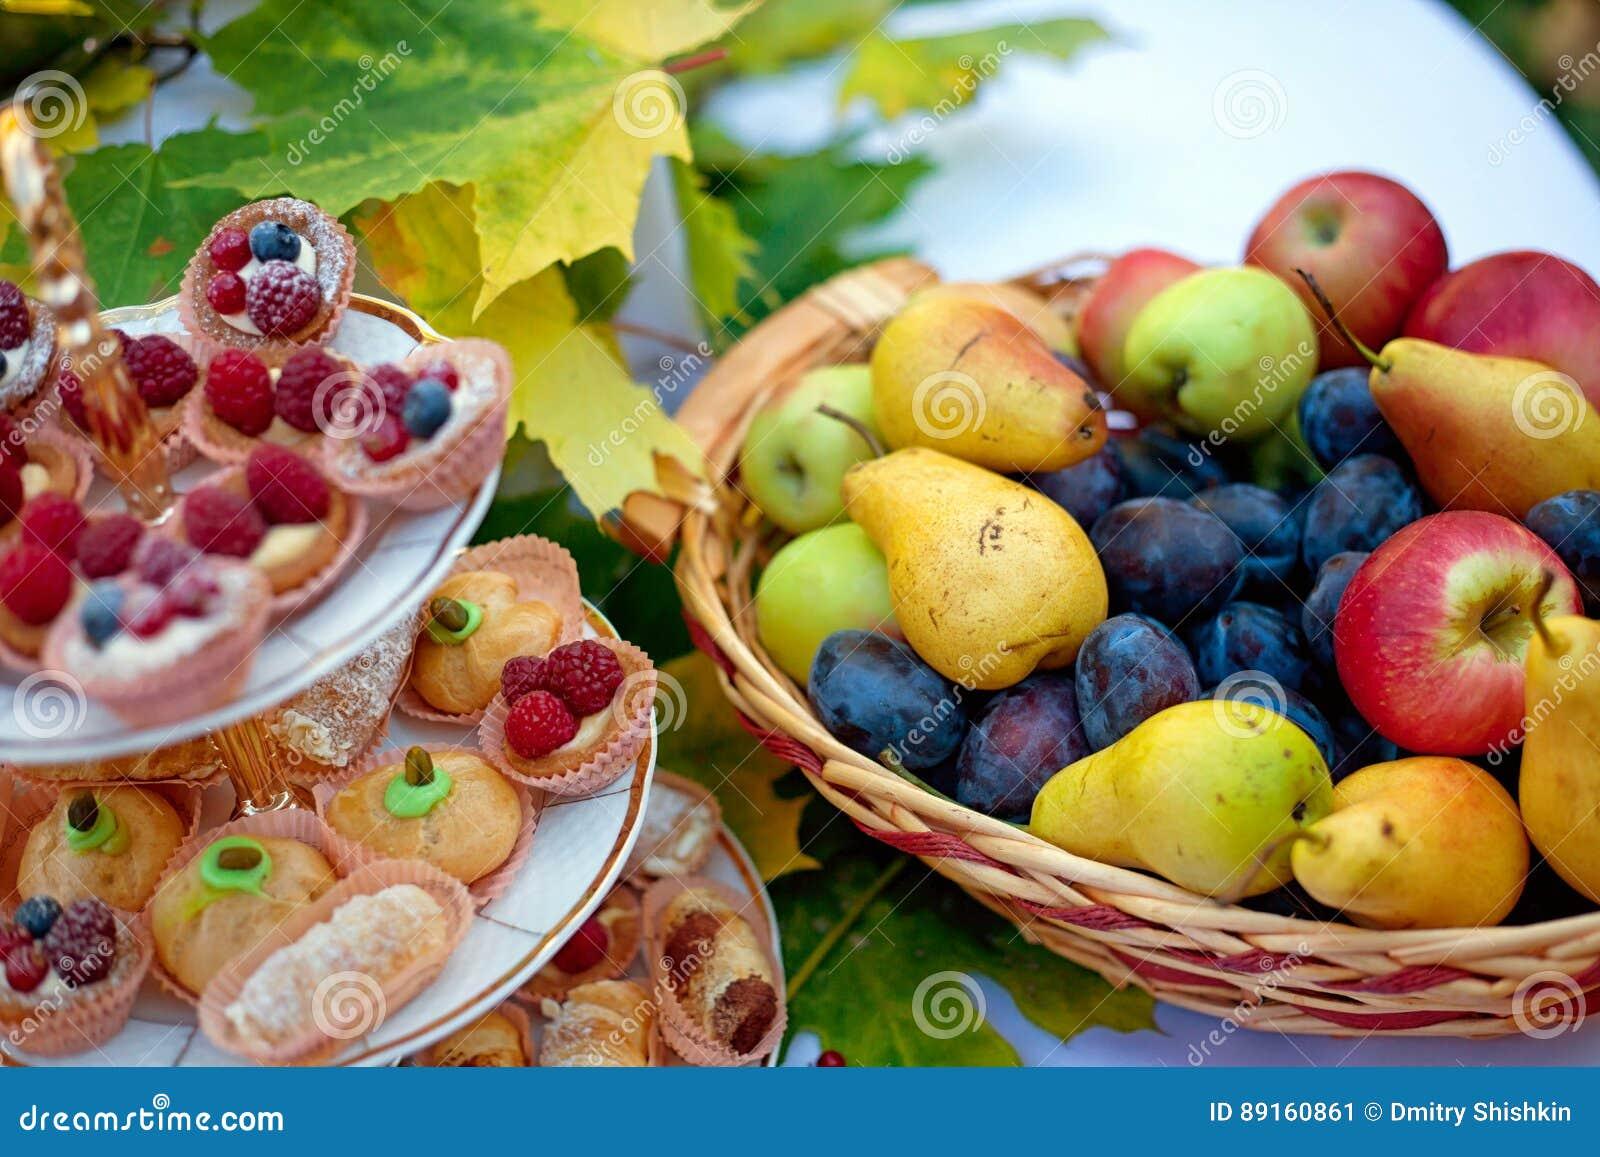 Todavía vida de la fruta fresca en la cesta y de la torta en una placa con las hojas de otoño